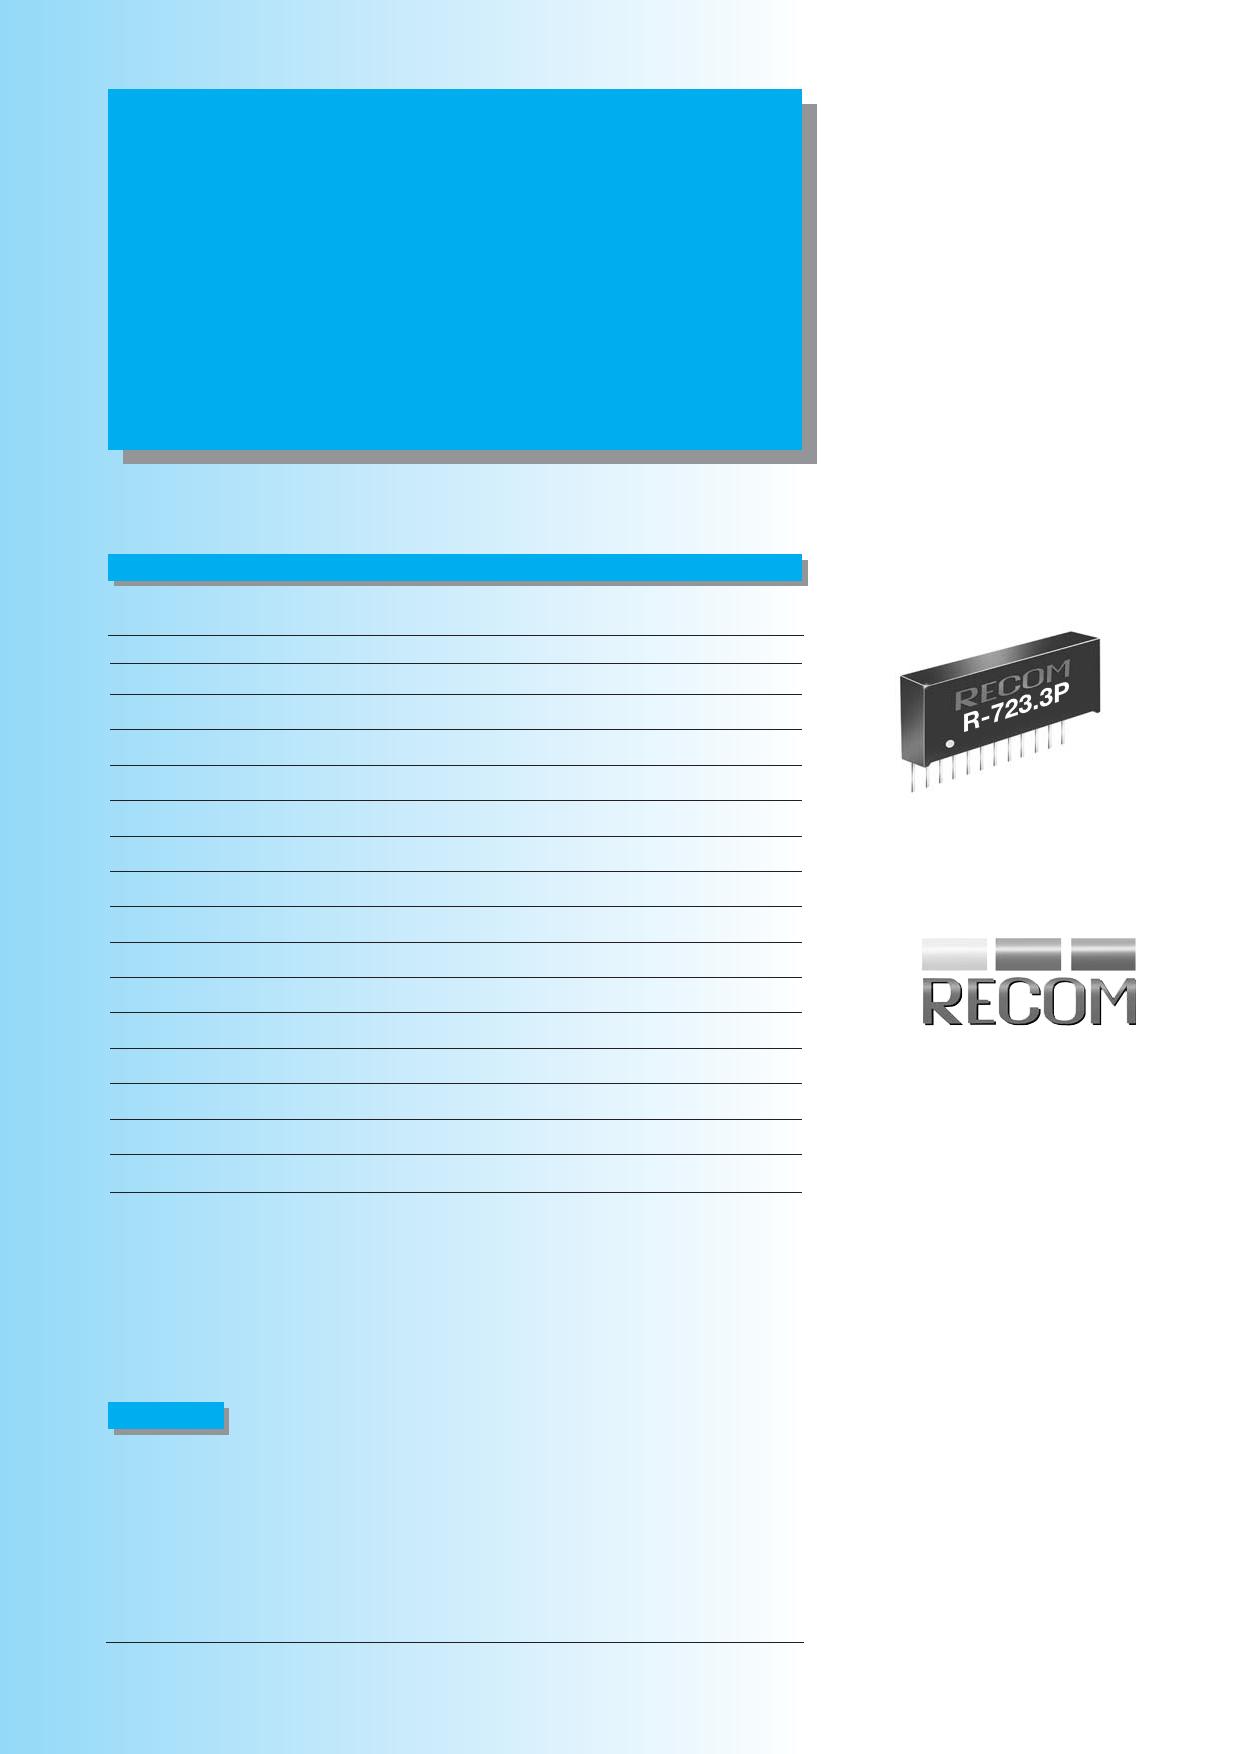 R-723.3P Hoja de datos, Descripción, Manual